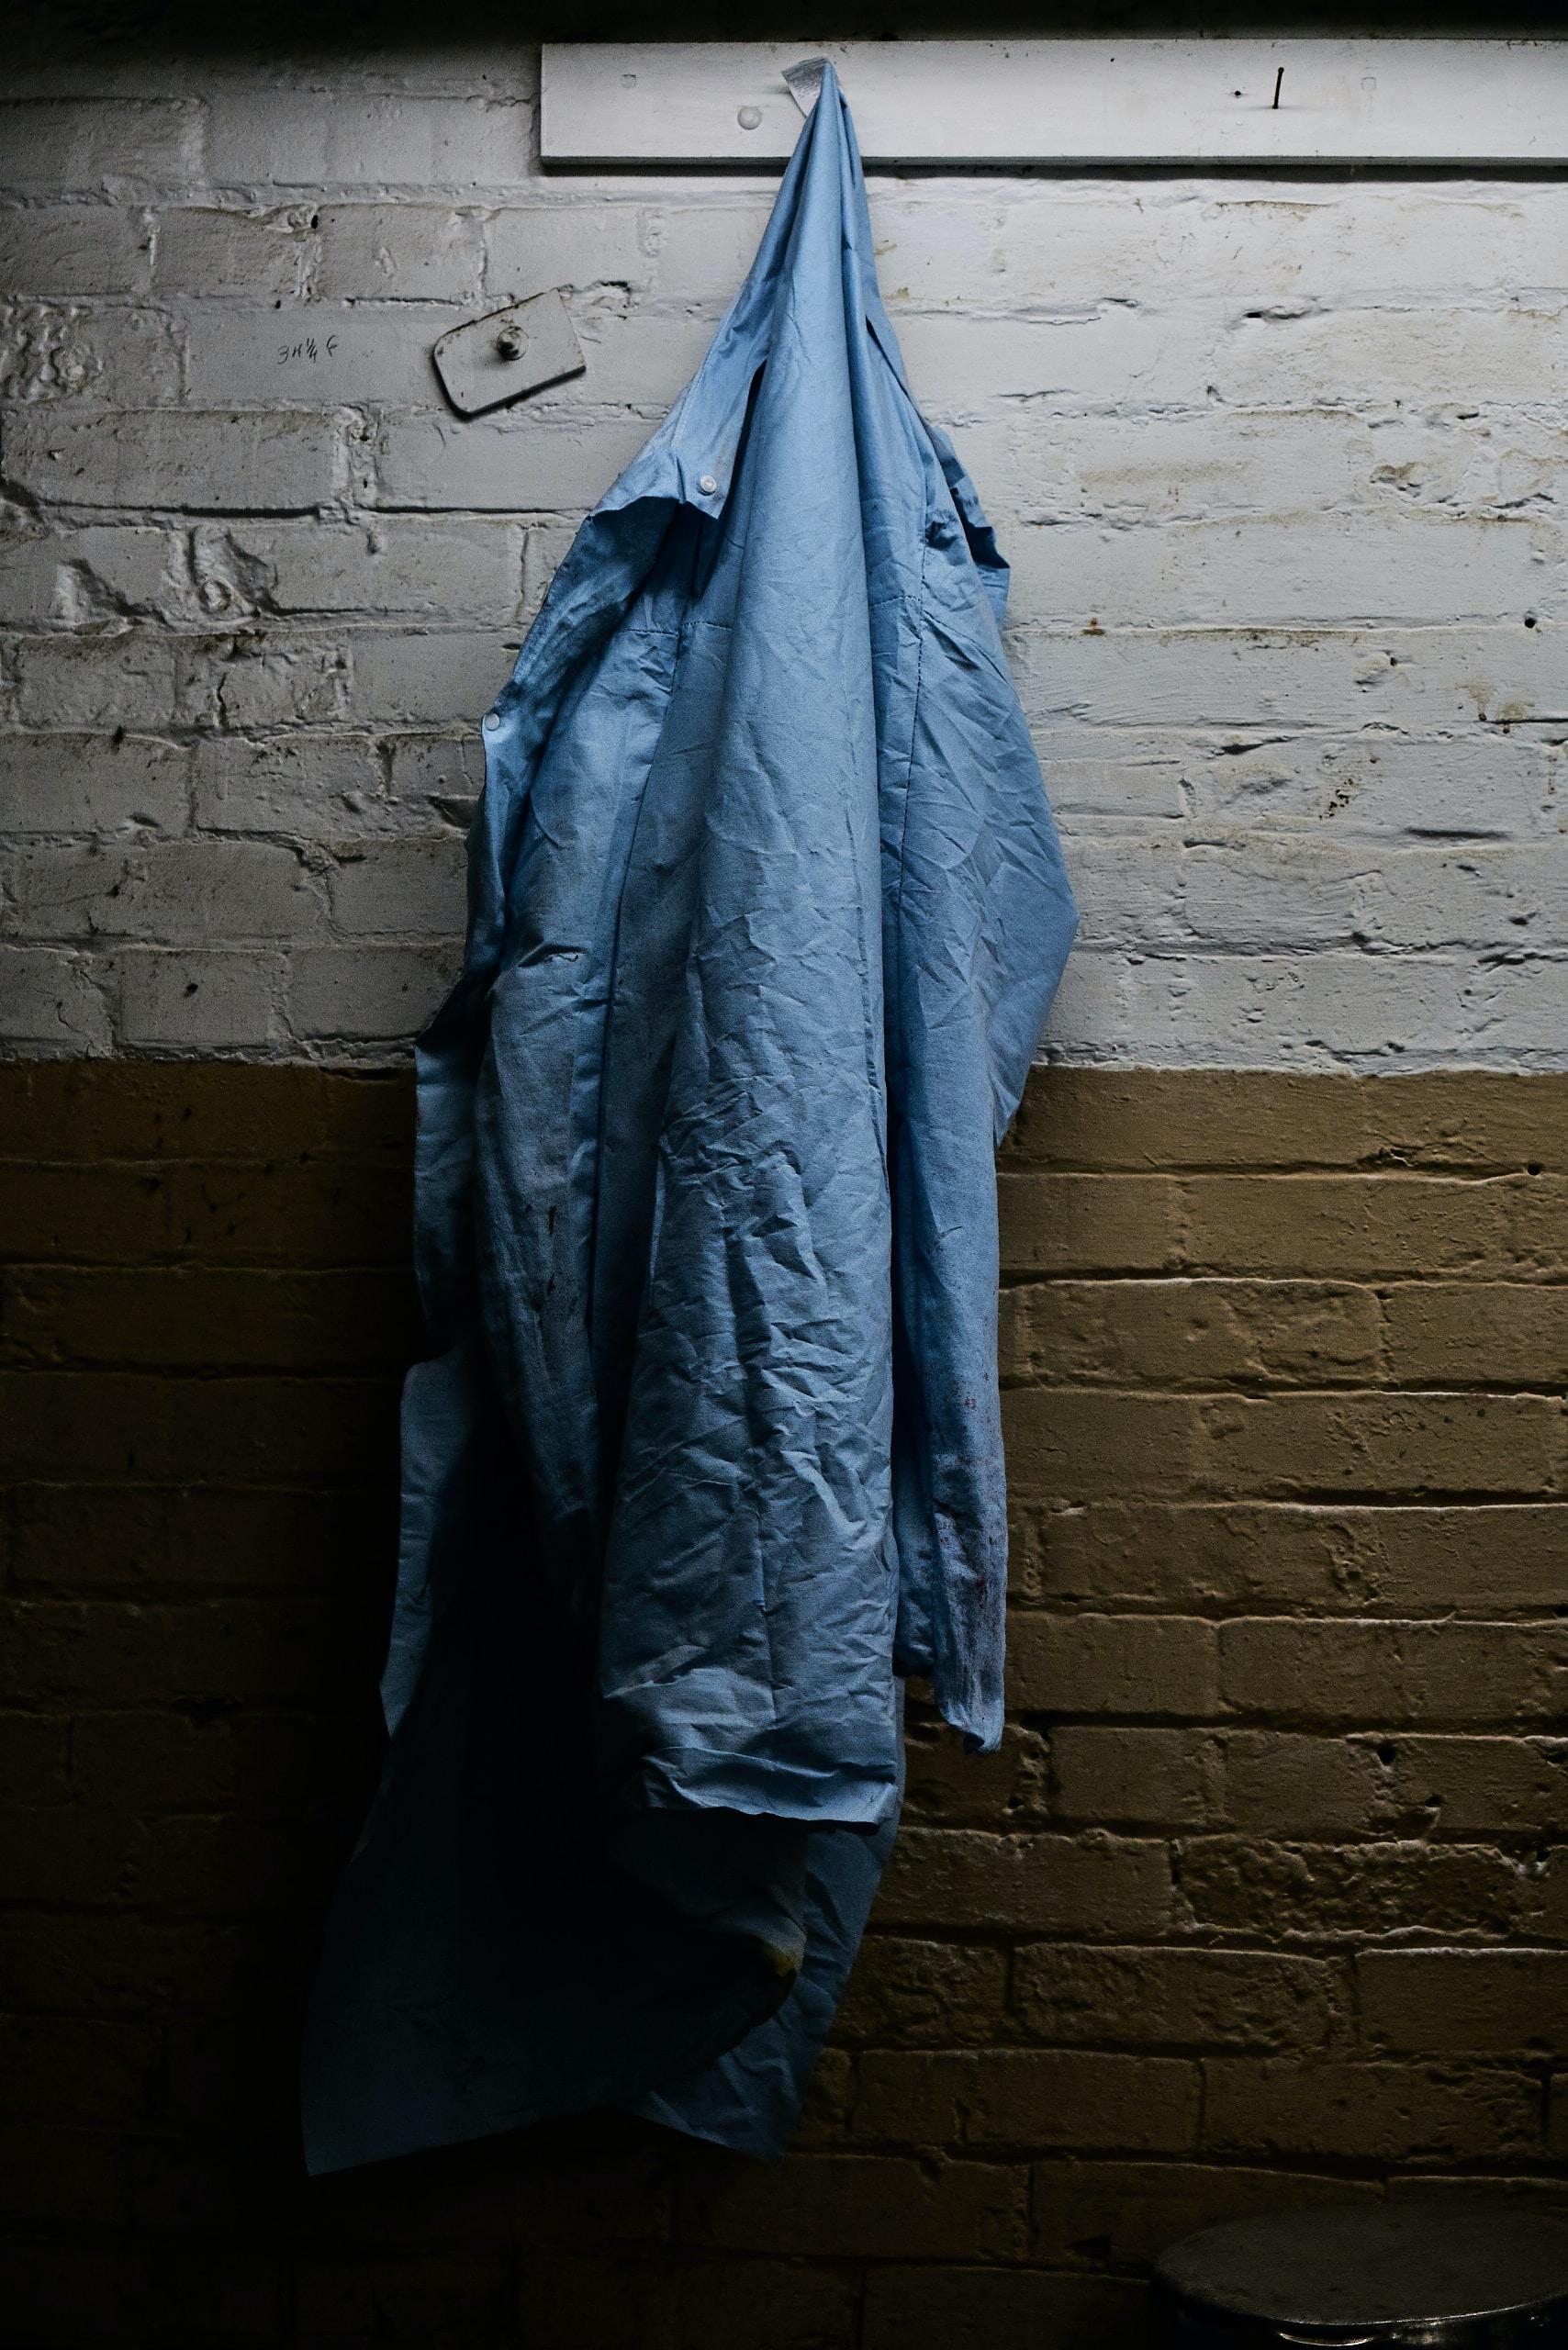 blue windbreaker hanging on hook